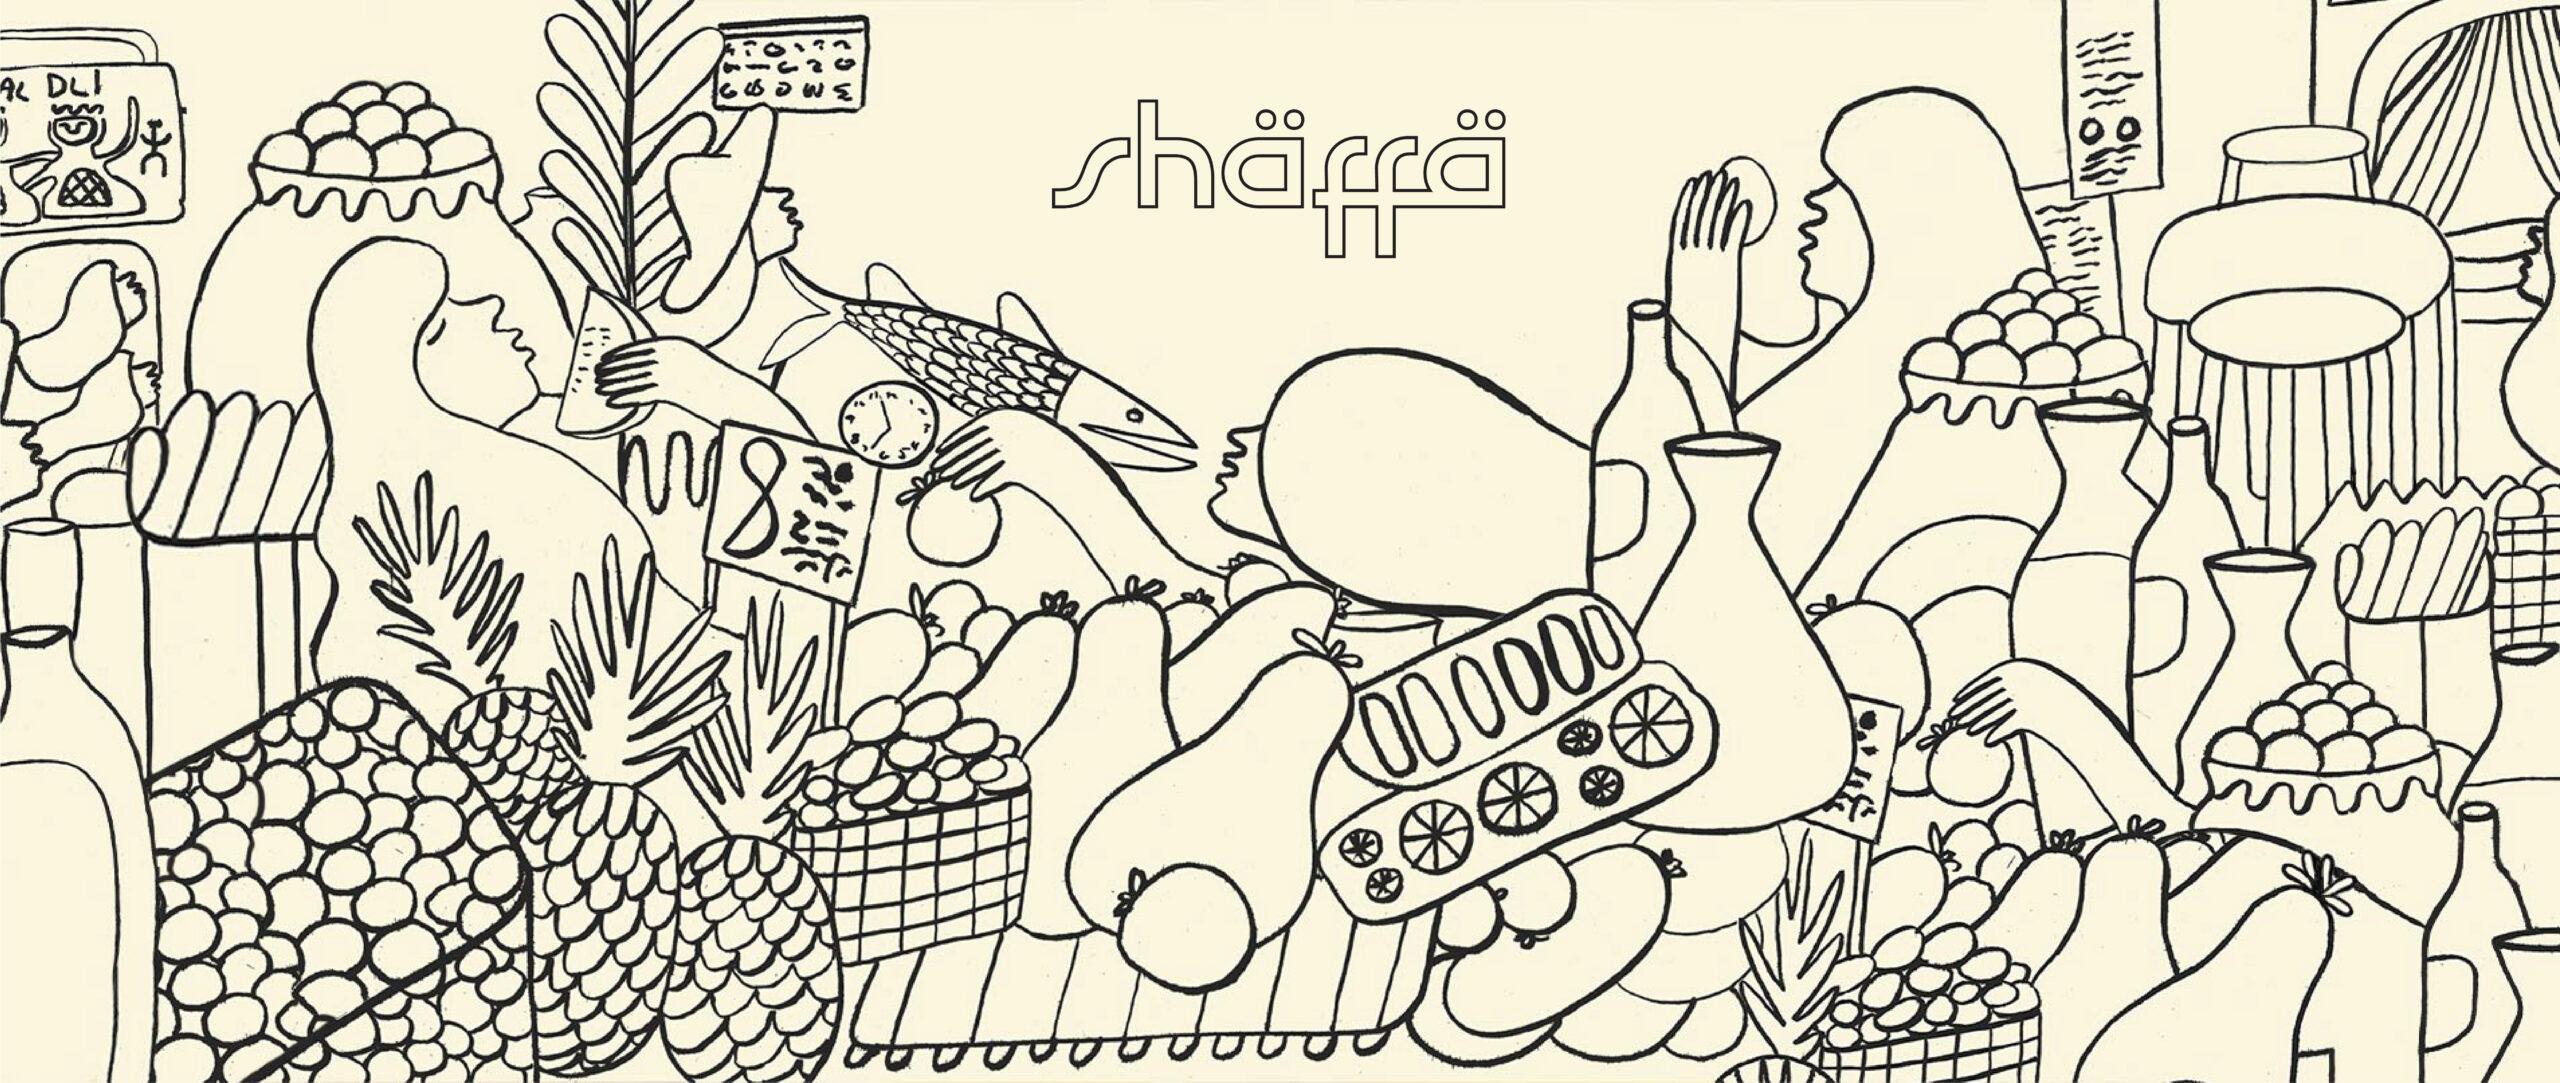 illustrationshaffa2